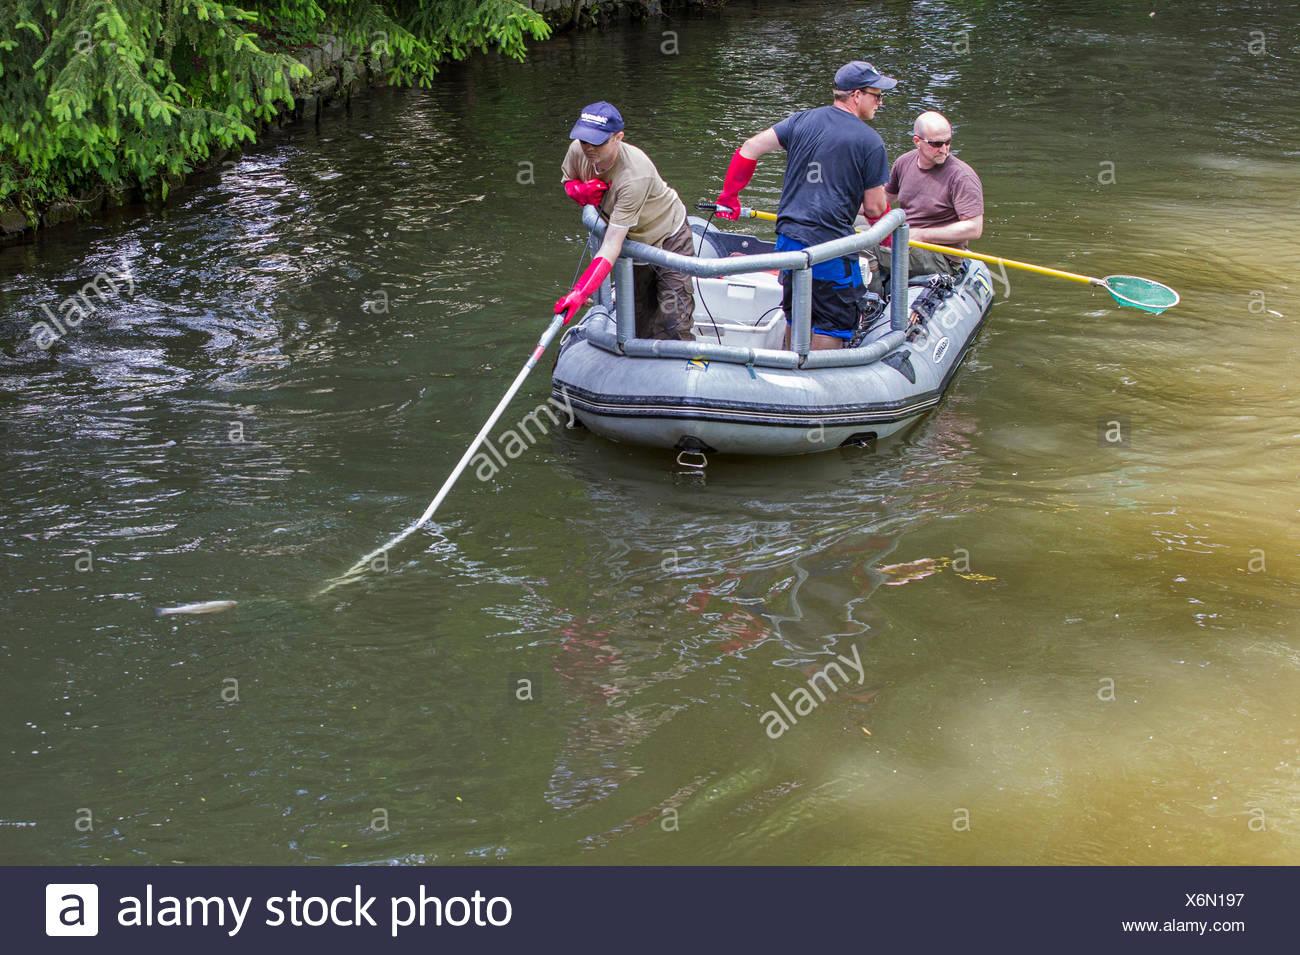 Electrofishing, il controllo del magazzino per la direttiva quadro in materia di acque, in Germania, in Baviera, Fluss Dorfen Immagini Stock